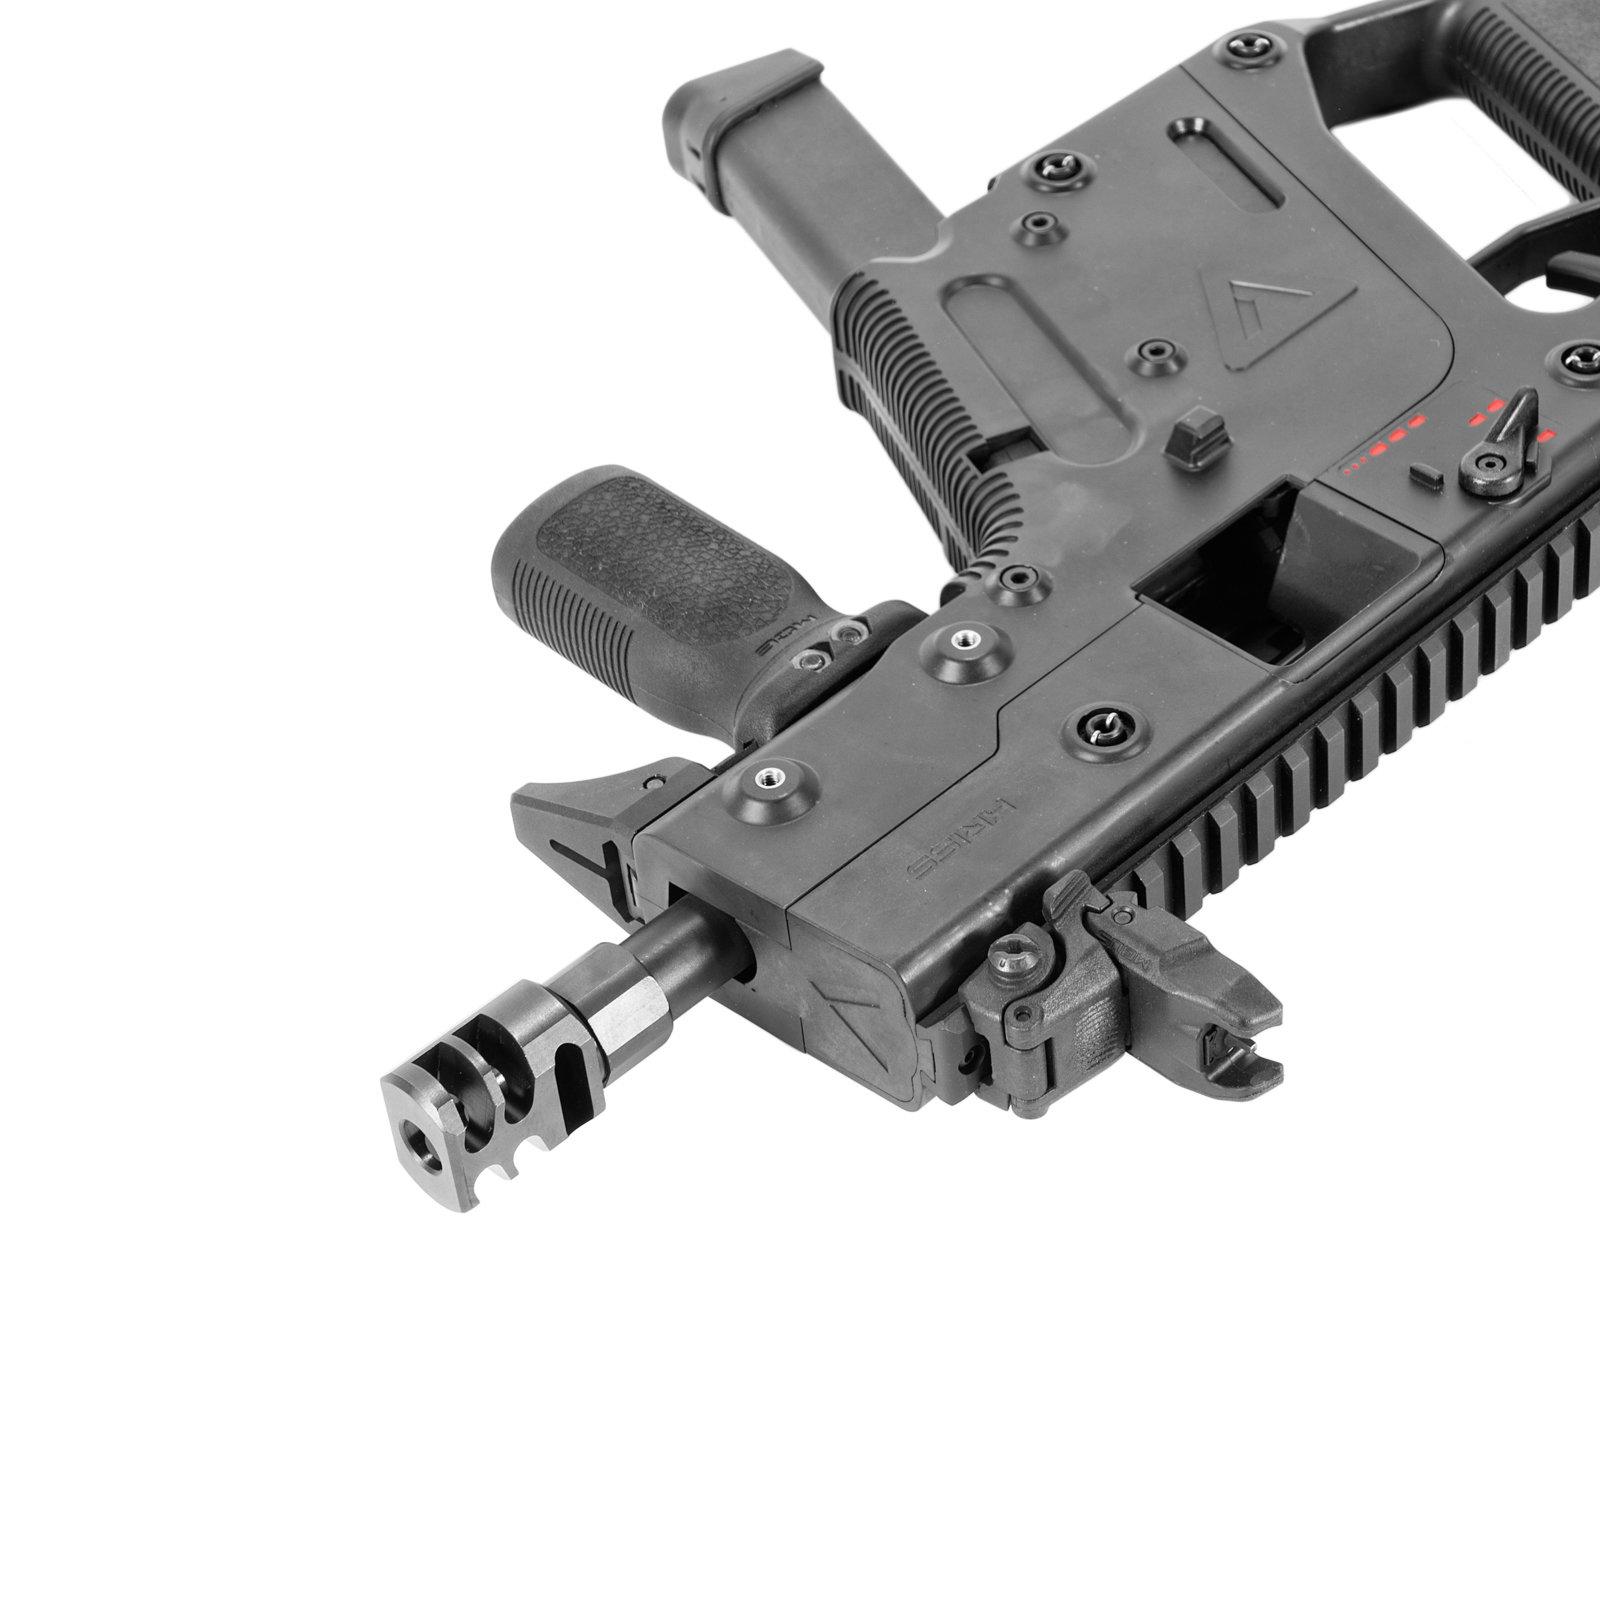 GunFighter Pistol PCC Carbine SMG Muzzle Brake GF